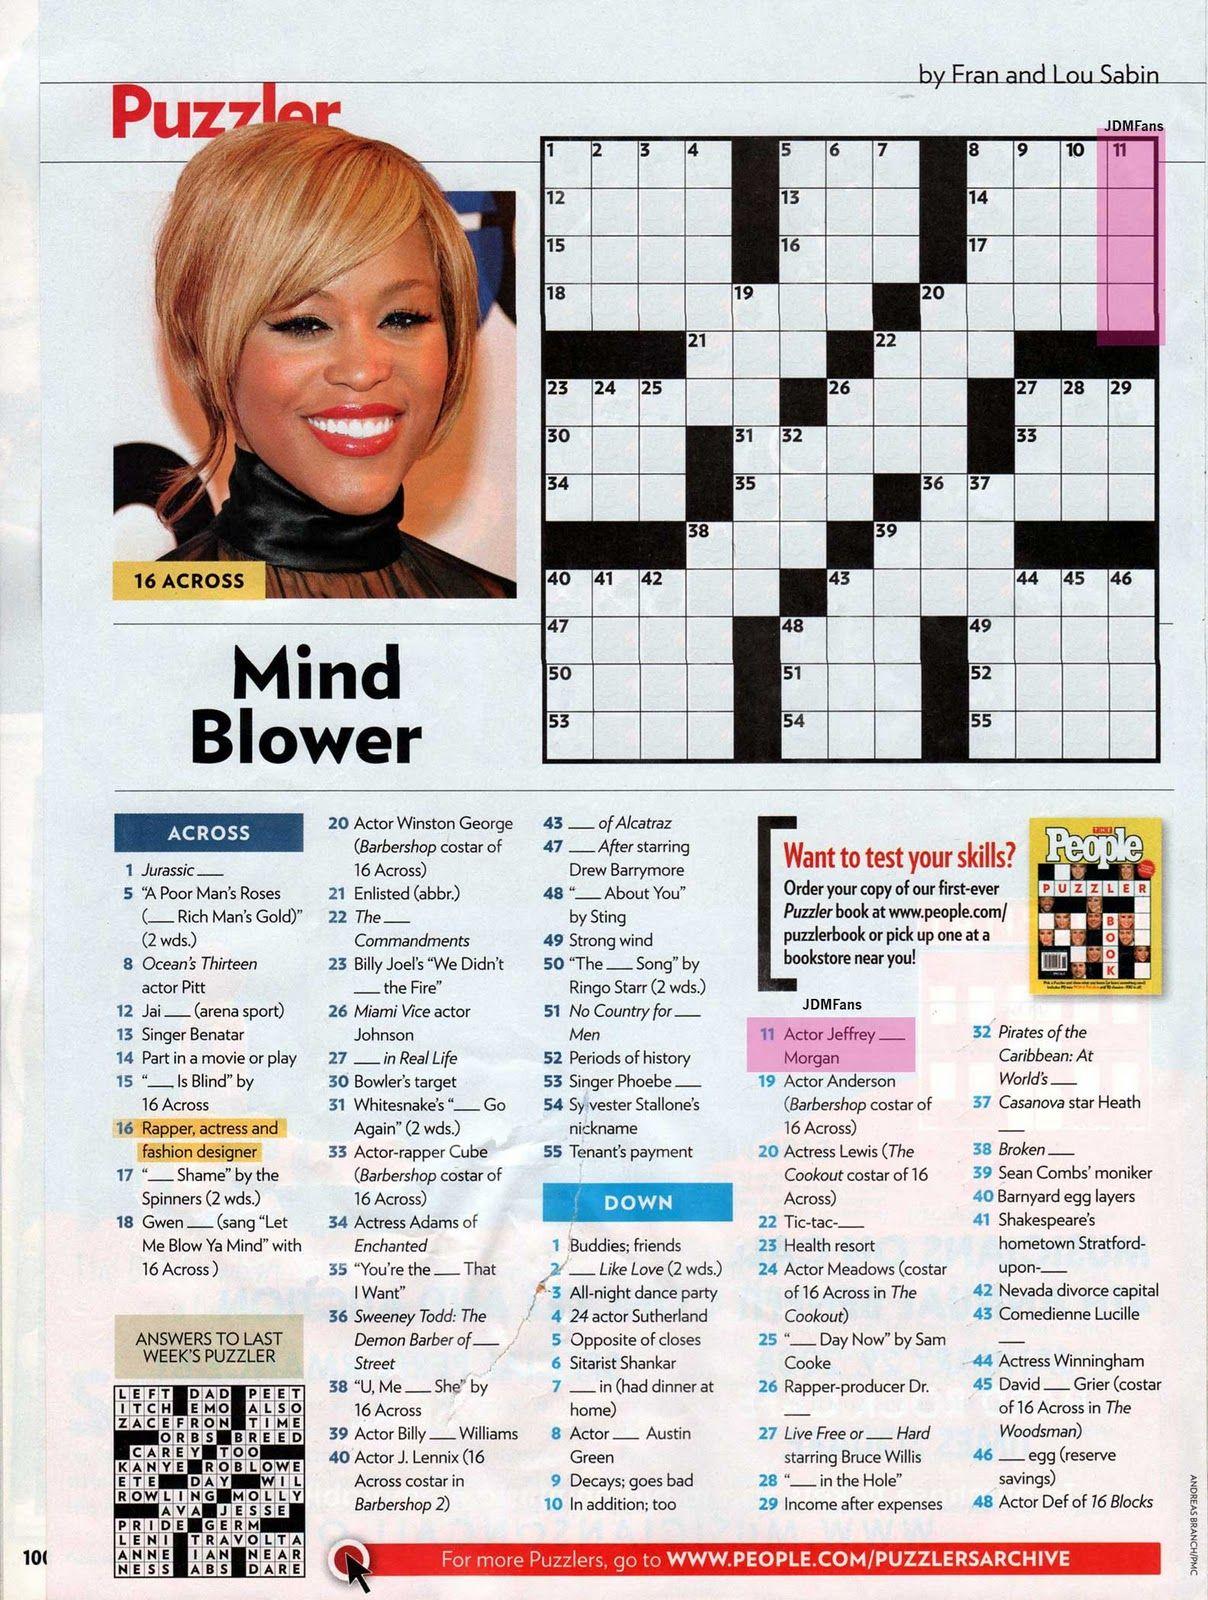 People Magazine Crossword Puzzles To Print | Puzzles In 2019 - Printable People Magazine Crossword Puzzles